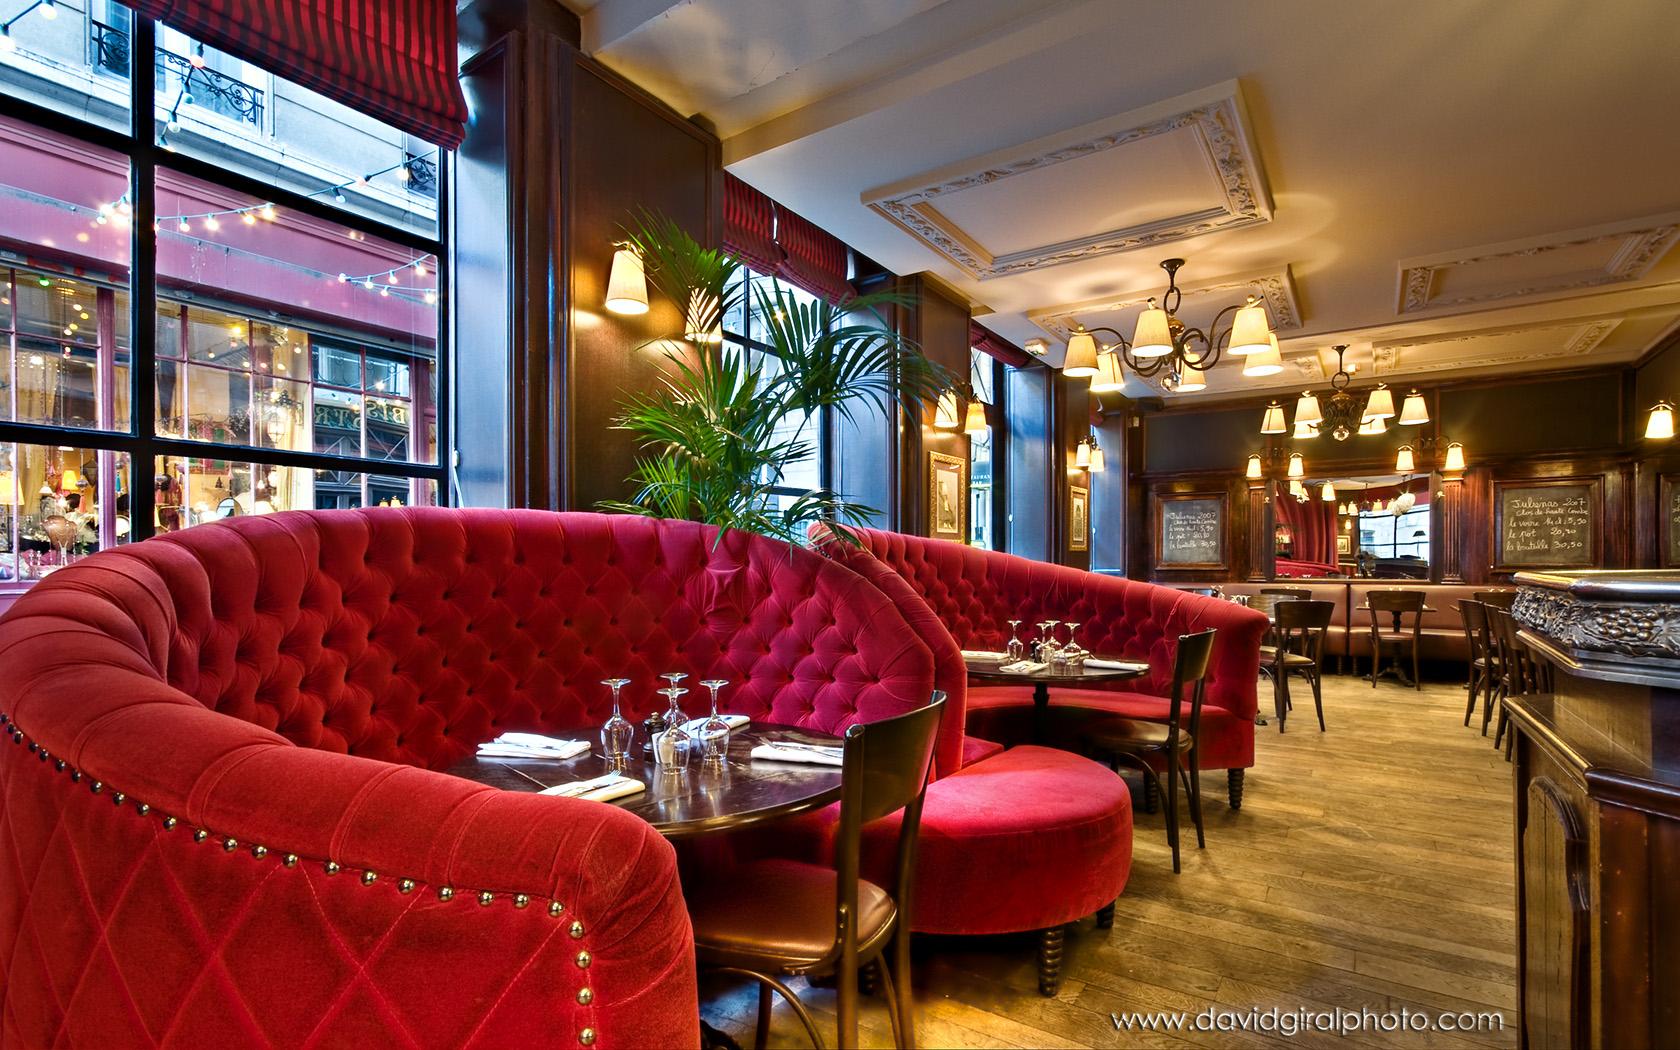 Interior relais odeon bistrot restaurant by